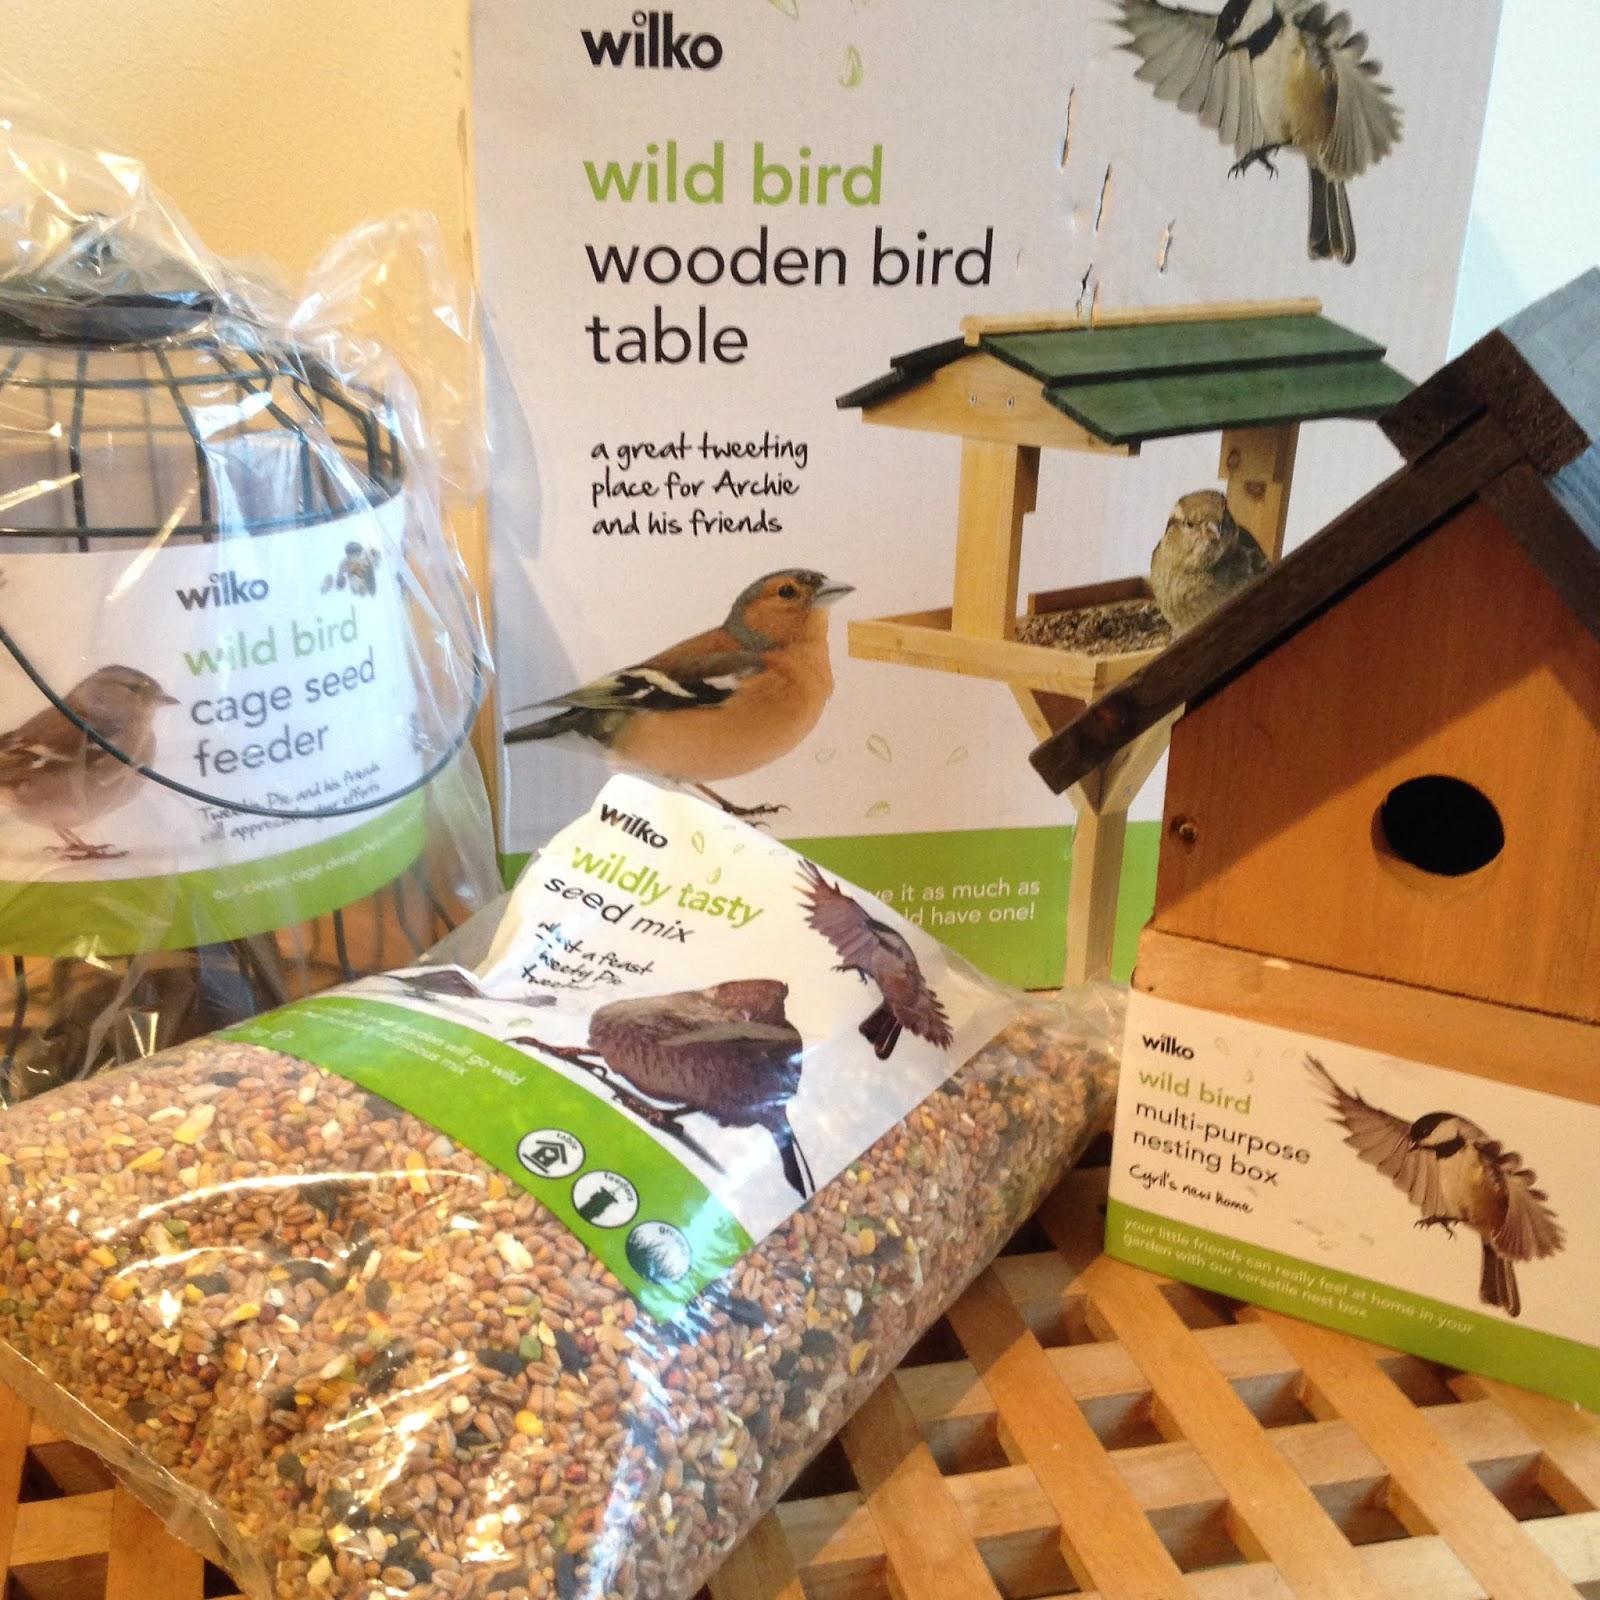 20+ Alimentadores únicos de aves - Un montón de hermosos alimentadores de aves